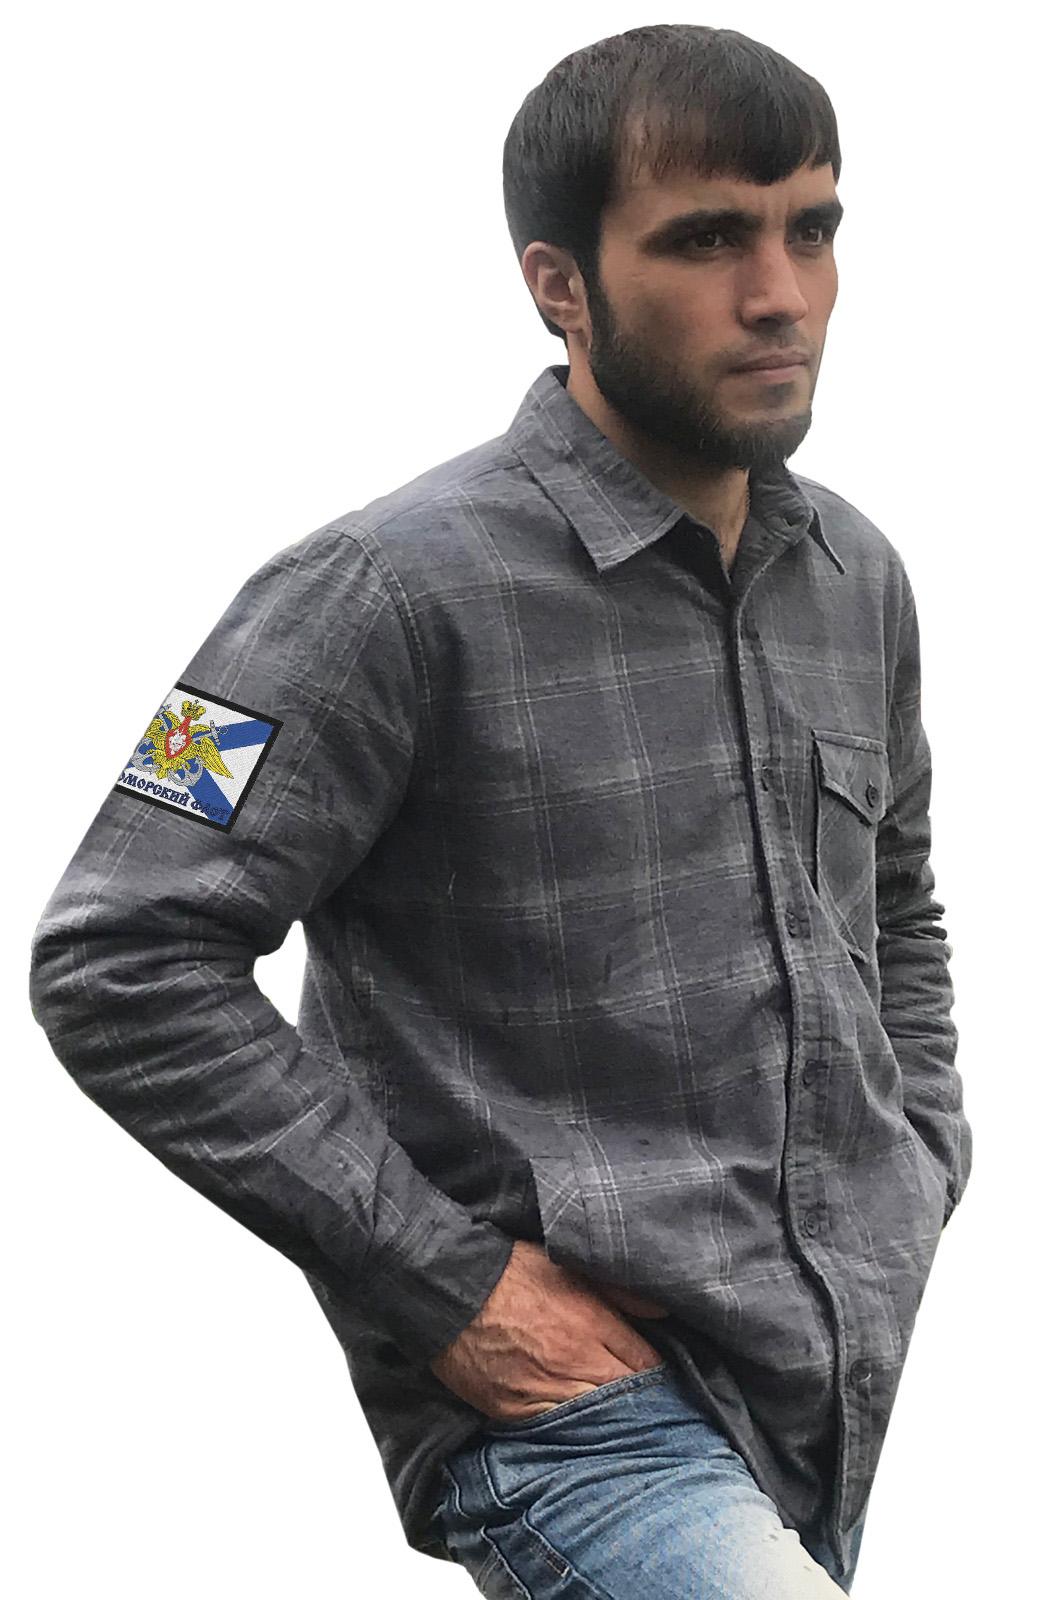 Мужская рубашка с эмблемой Черноморского флота